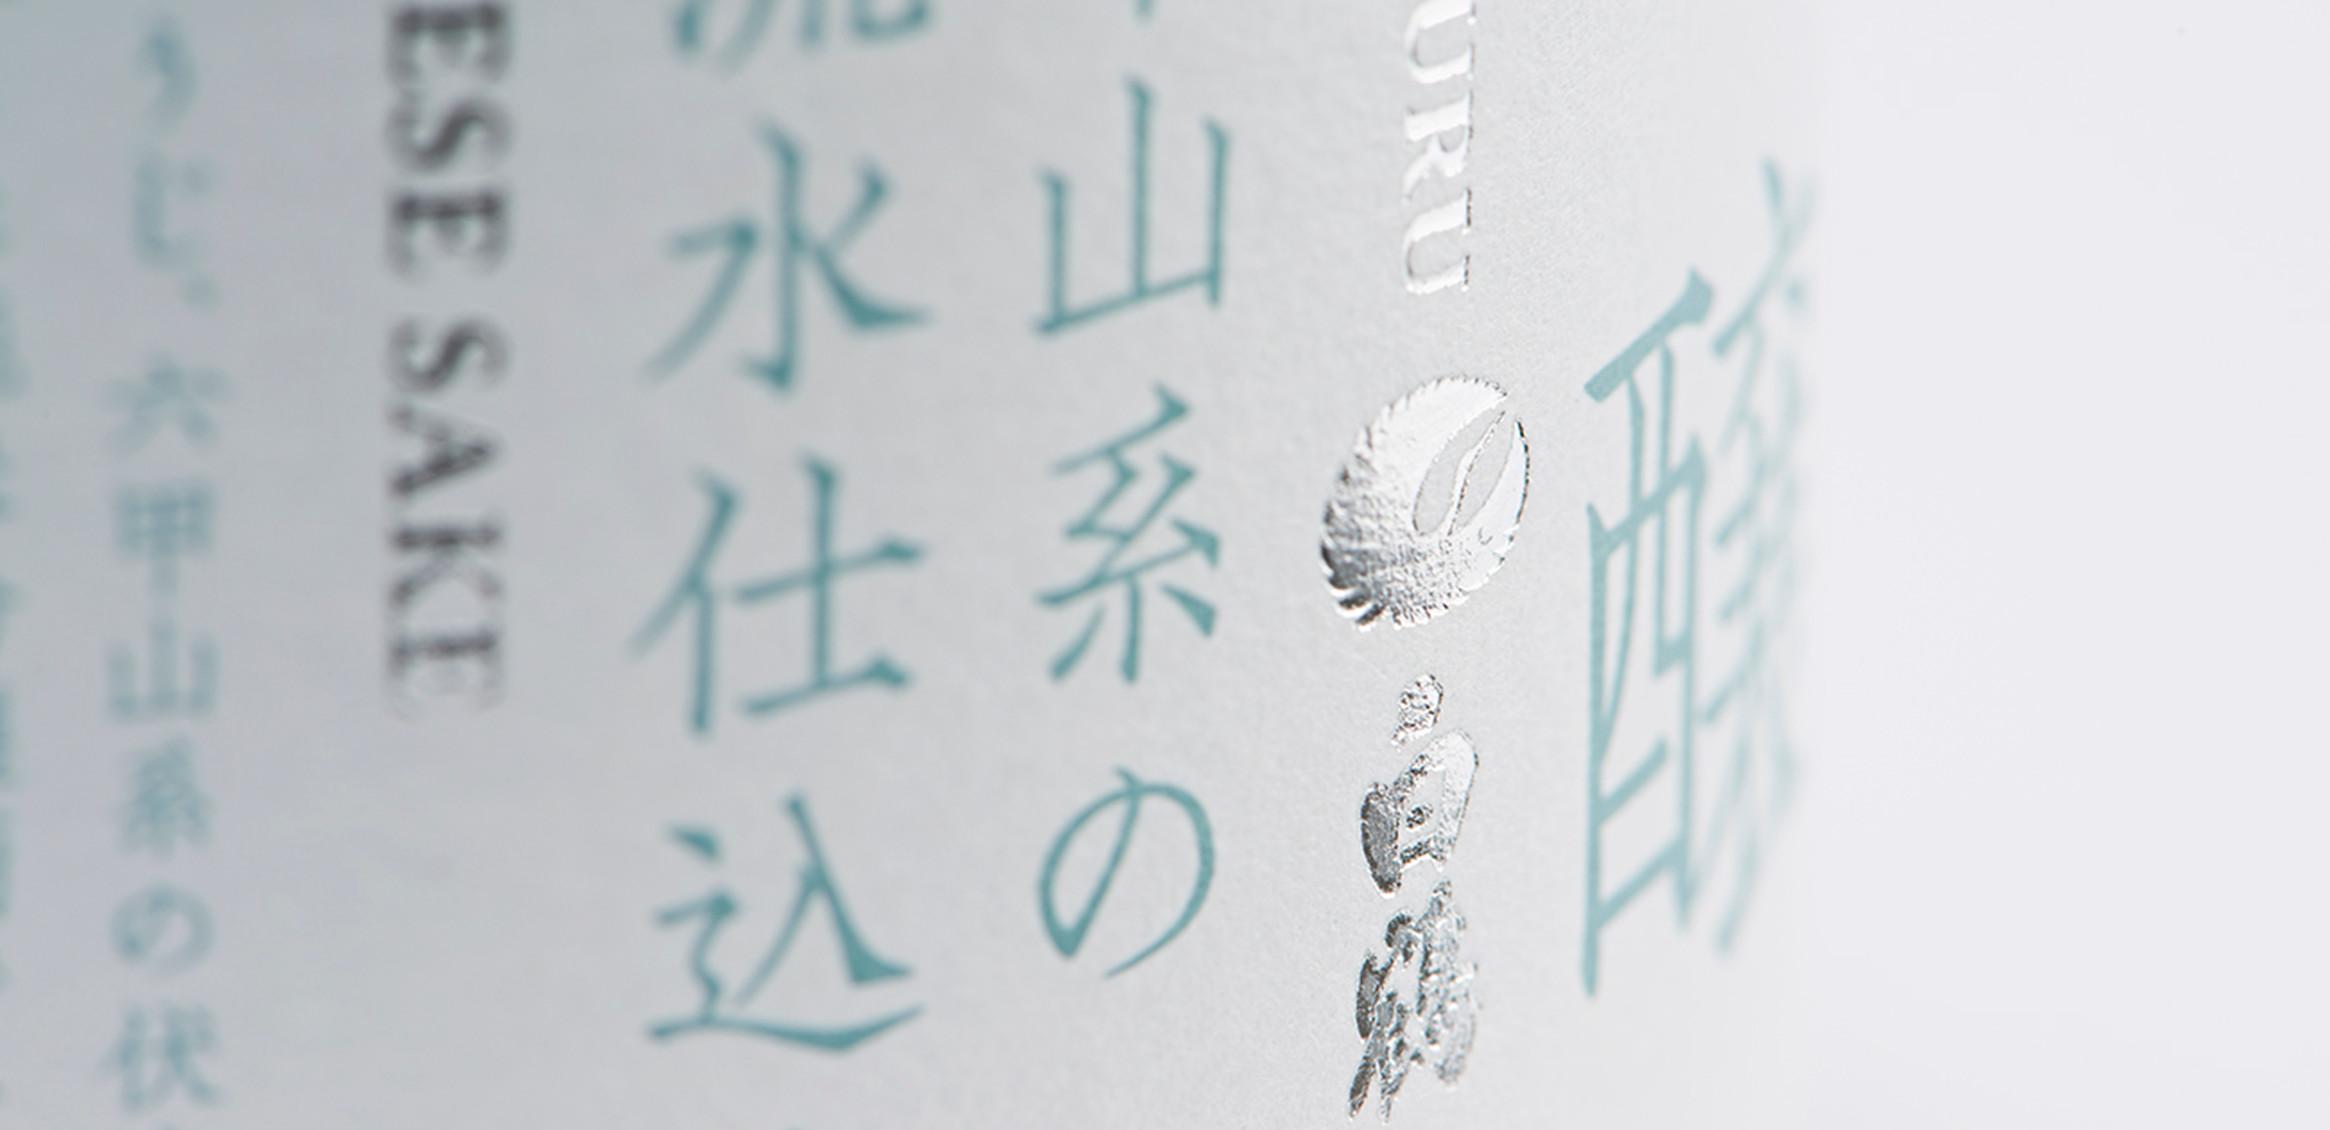 特撰 白鶴 純米吟醸 六甲山系の伏流水特选白鹤纯米吟酿 加入六甲山潜流水2枚目